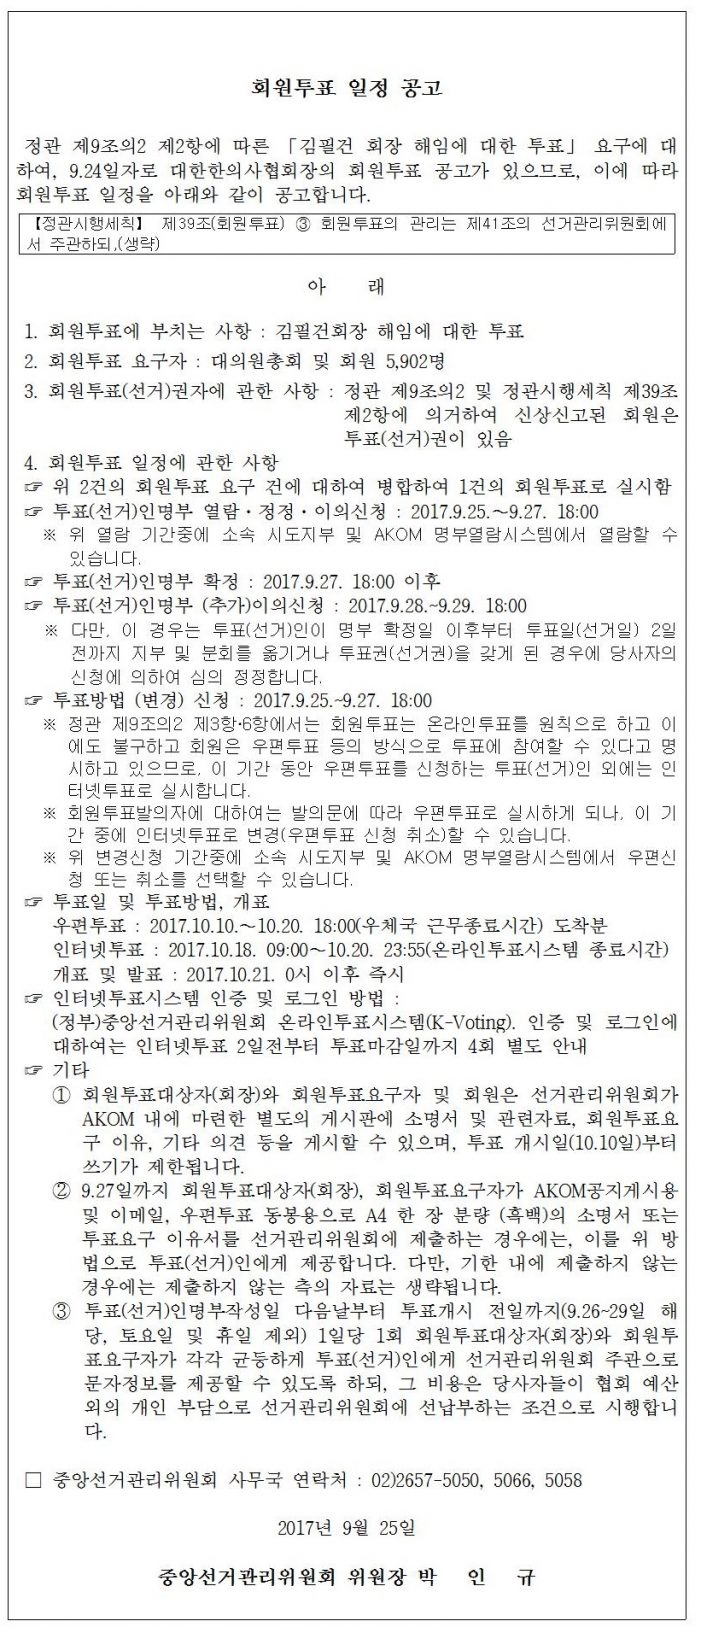 [대한한의사협회] 회원투표 일정 공고